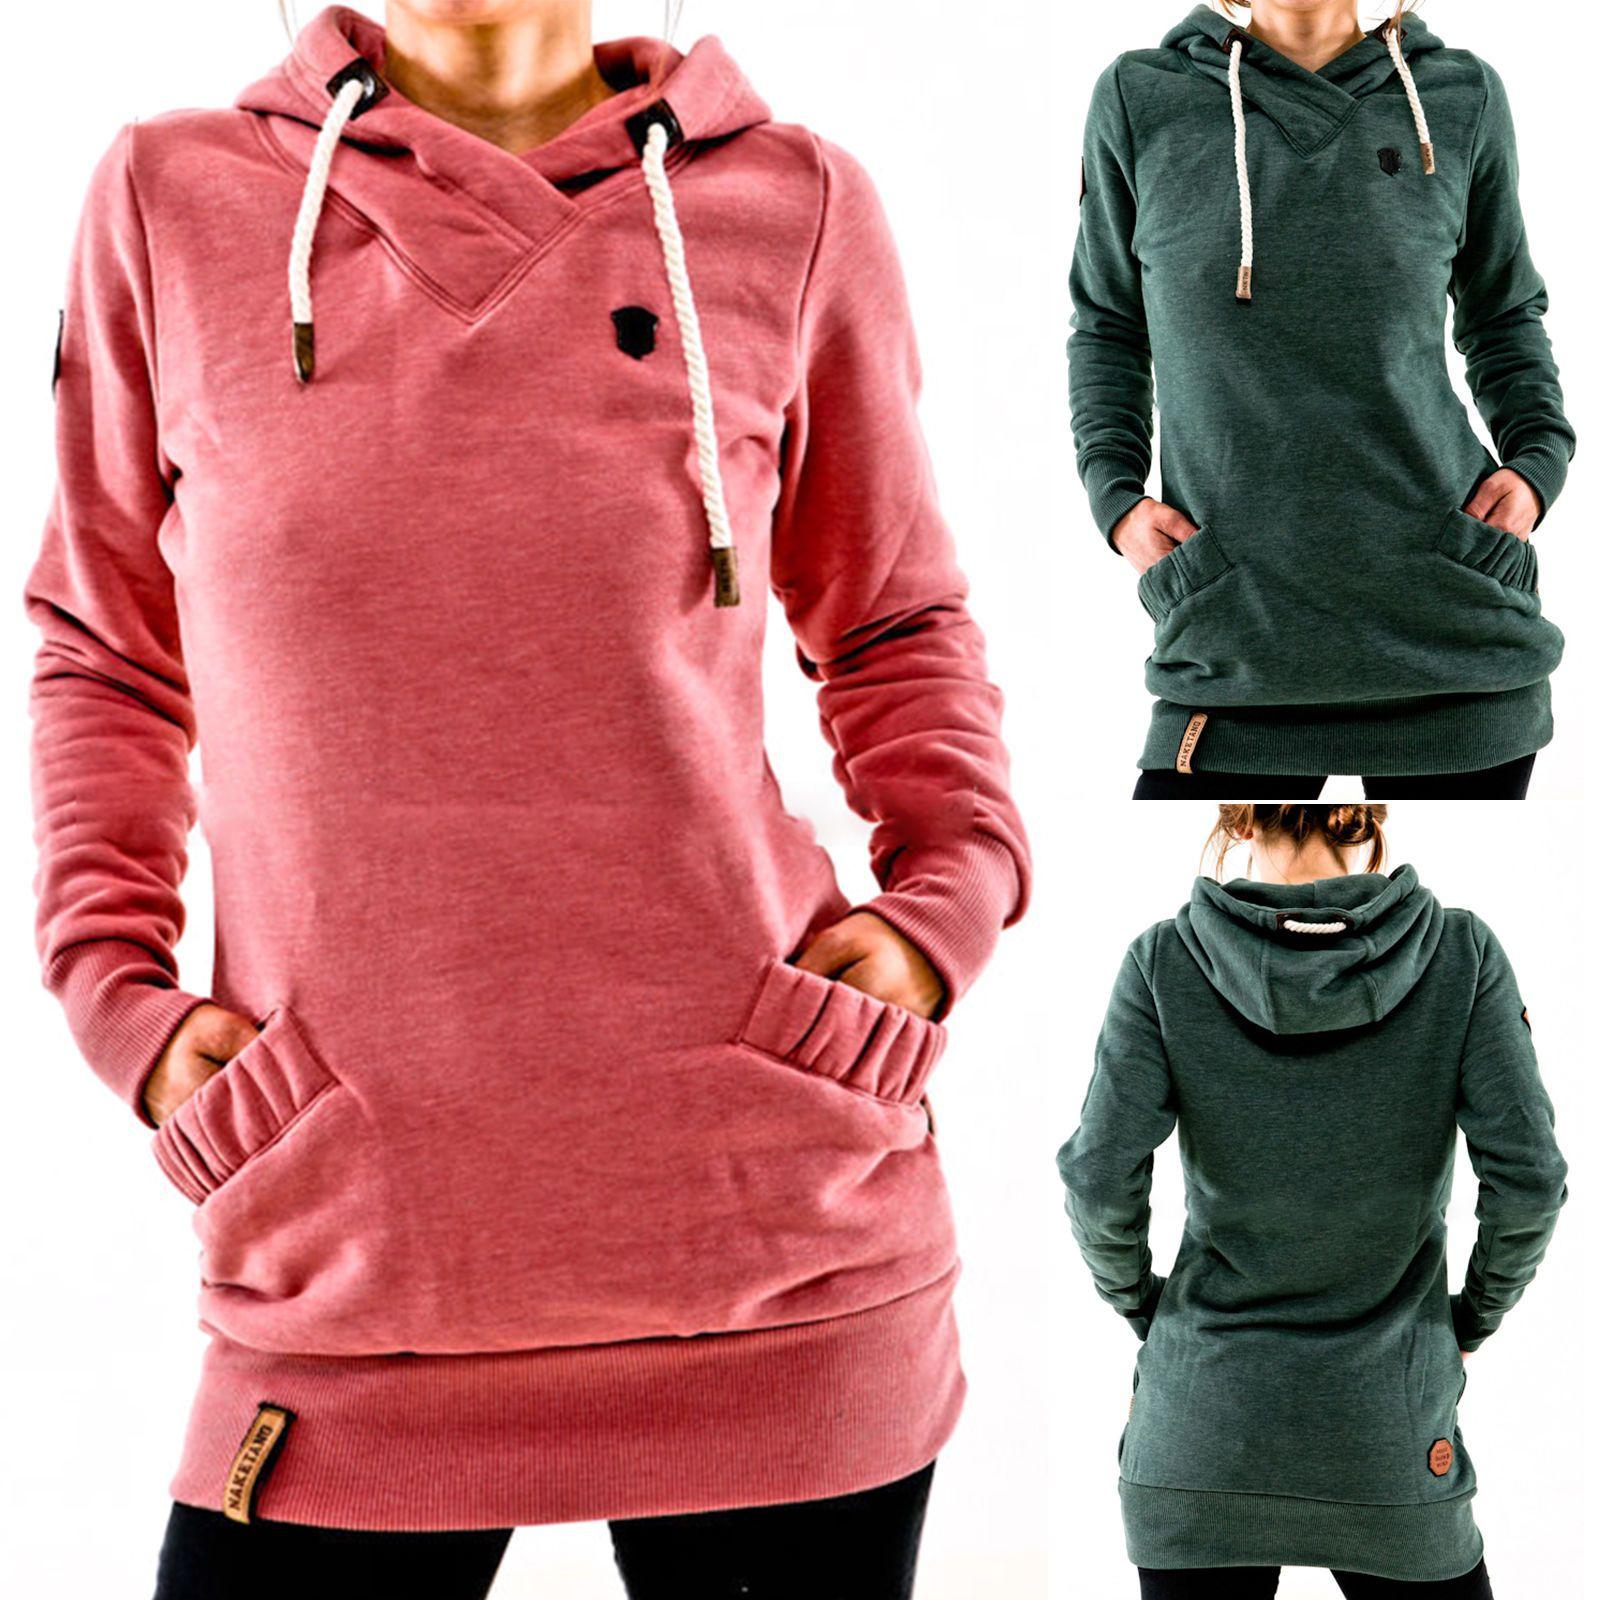 Femme Capuche Capuche Manches Longues Pull Pull Manche Longue Survêtement  Haut in Vêtements, accessoires, Femmes  vêtements, Sweats, vestes à  capuches   ... 876962c45012